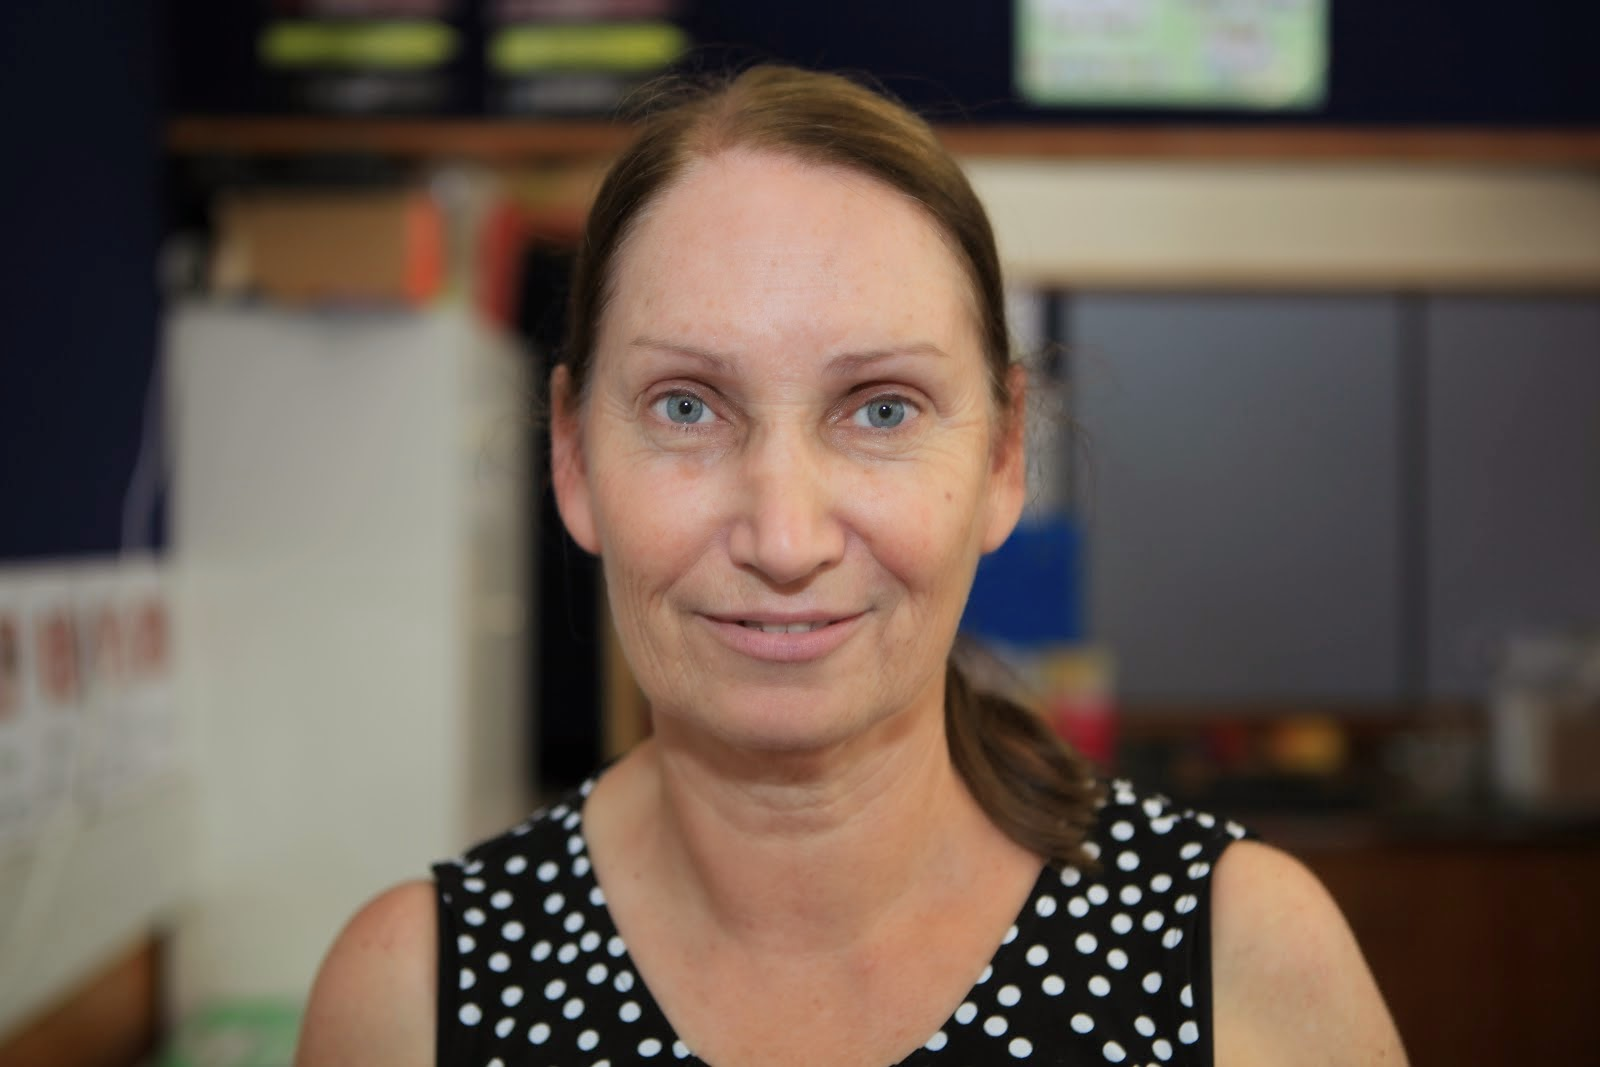 Susan Dwyer